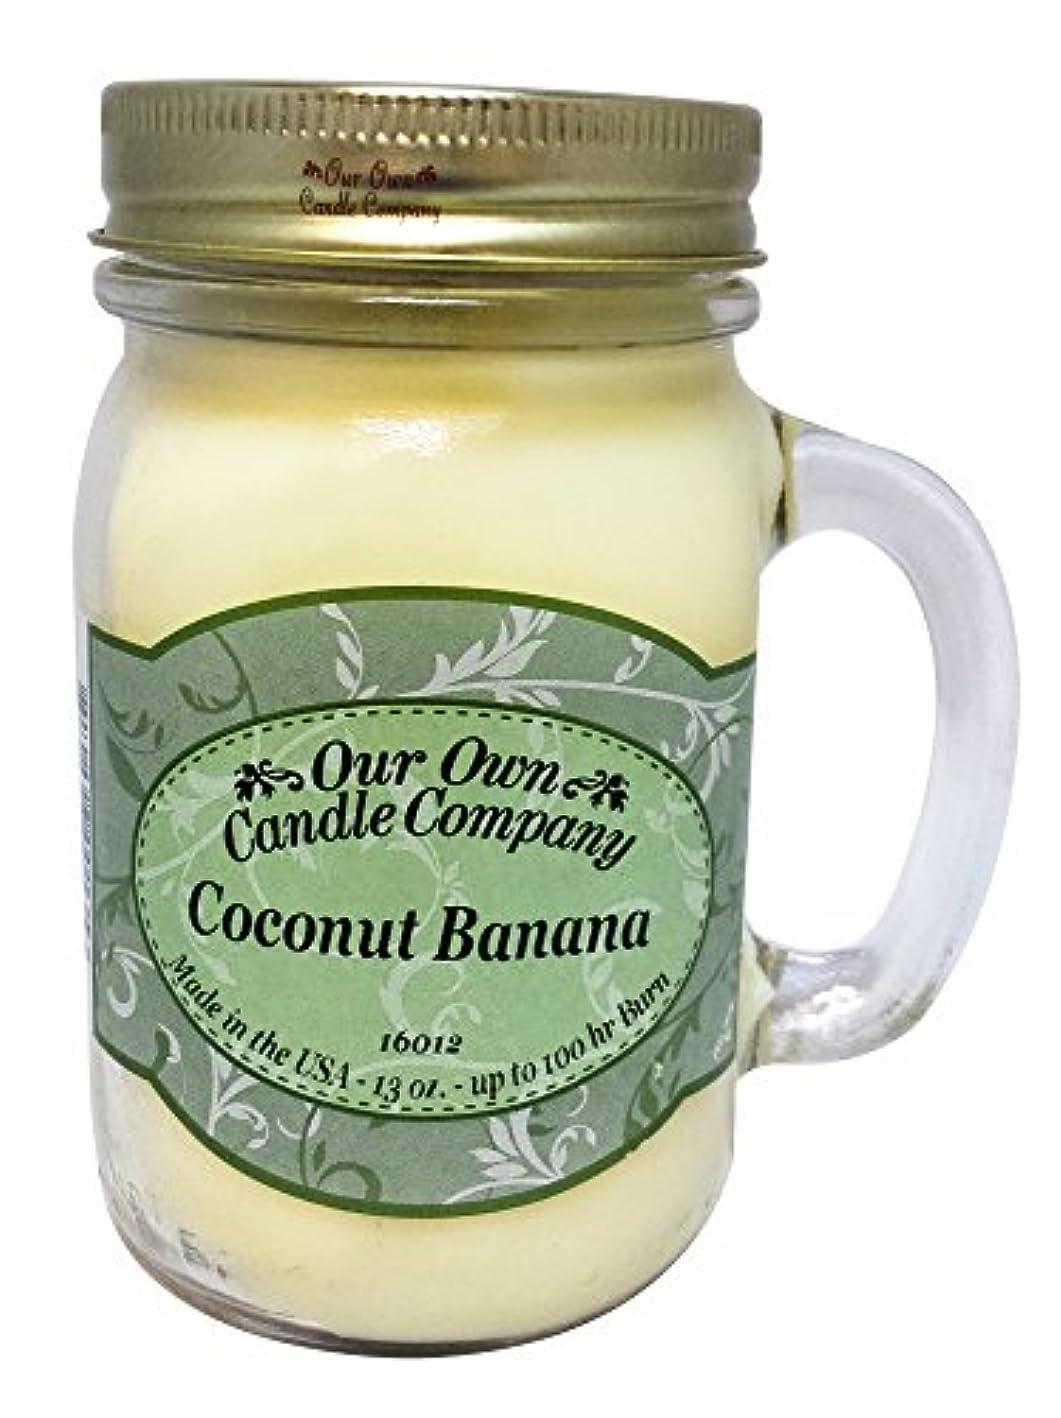 さようなら彫刻家確立しますアロマキャンドル メイソンジャー ココナッツバナナ ビッグ Our Own Candle Company Coconut Banana big 日本未発売フレグランス